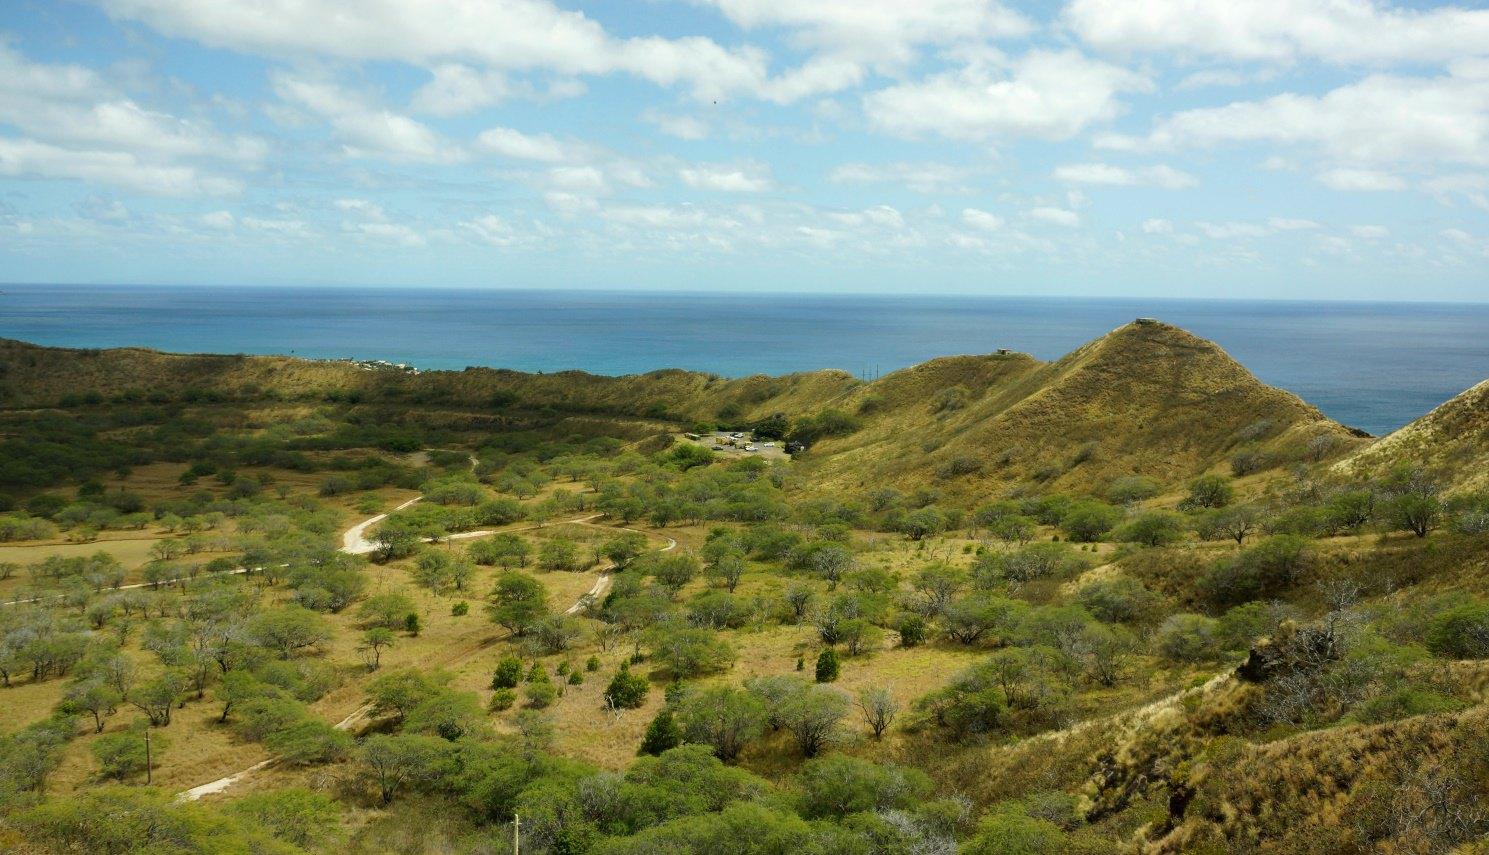 尽享夏威夷美丽风光,阳光沙滩,半自助游